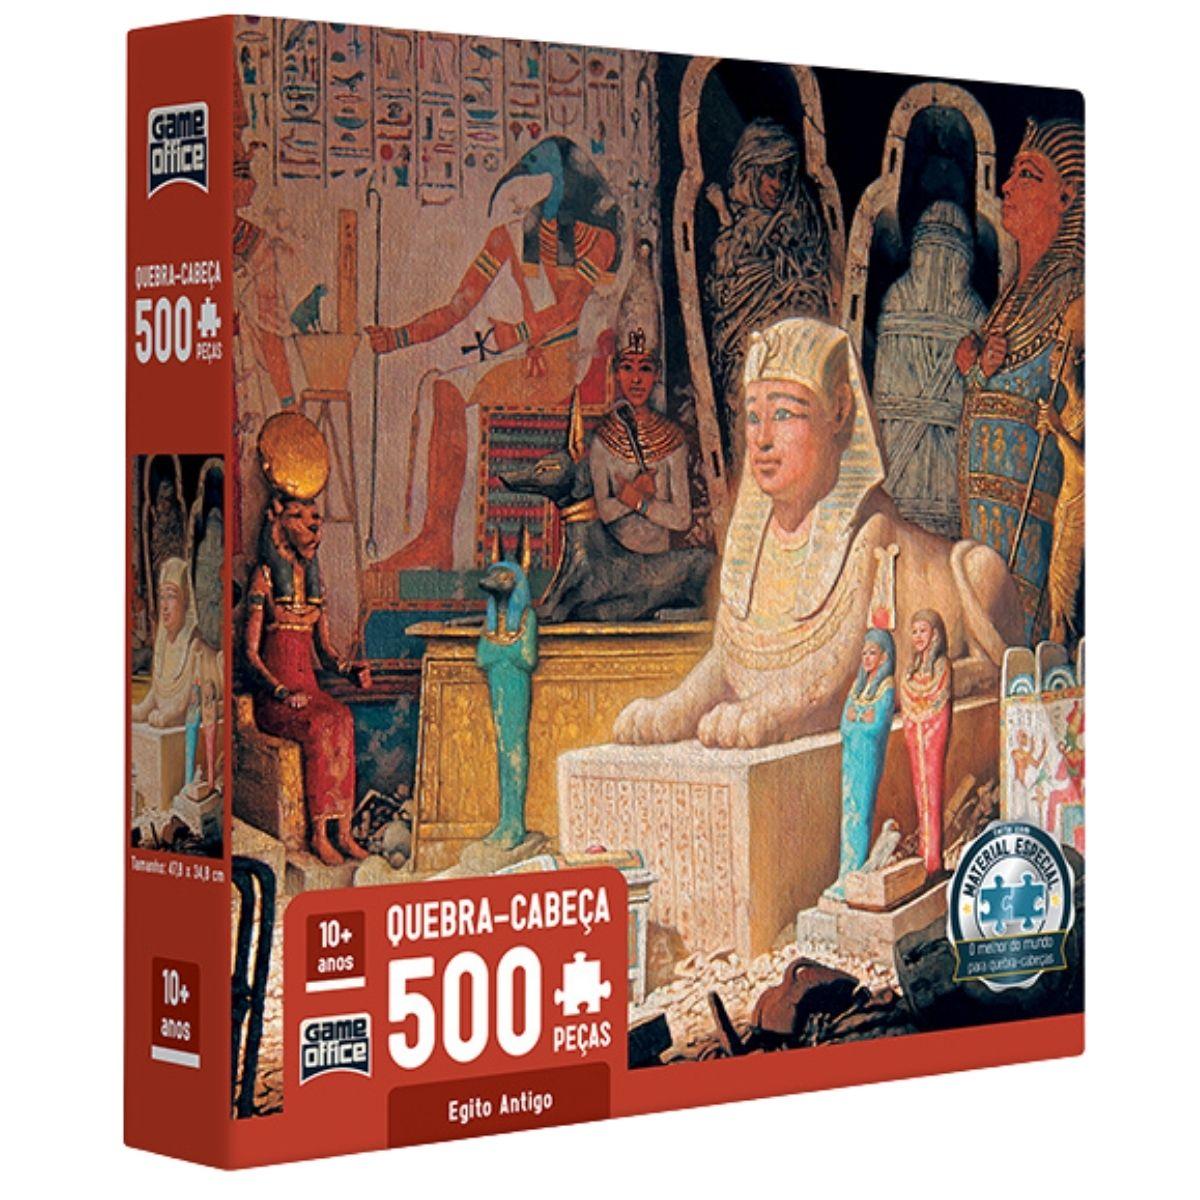 Quebra Cabeça com 500 peças - Egito Antigo - Toyster   - Game Land Brinquedos